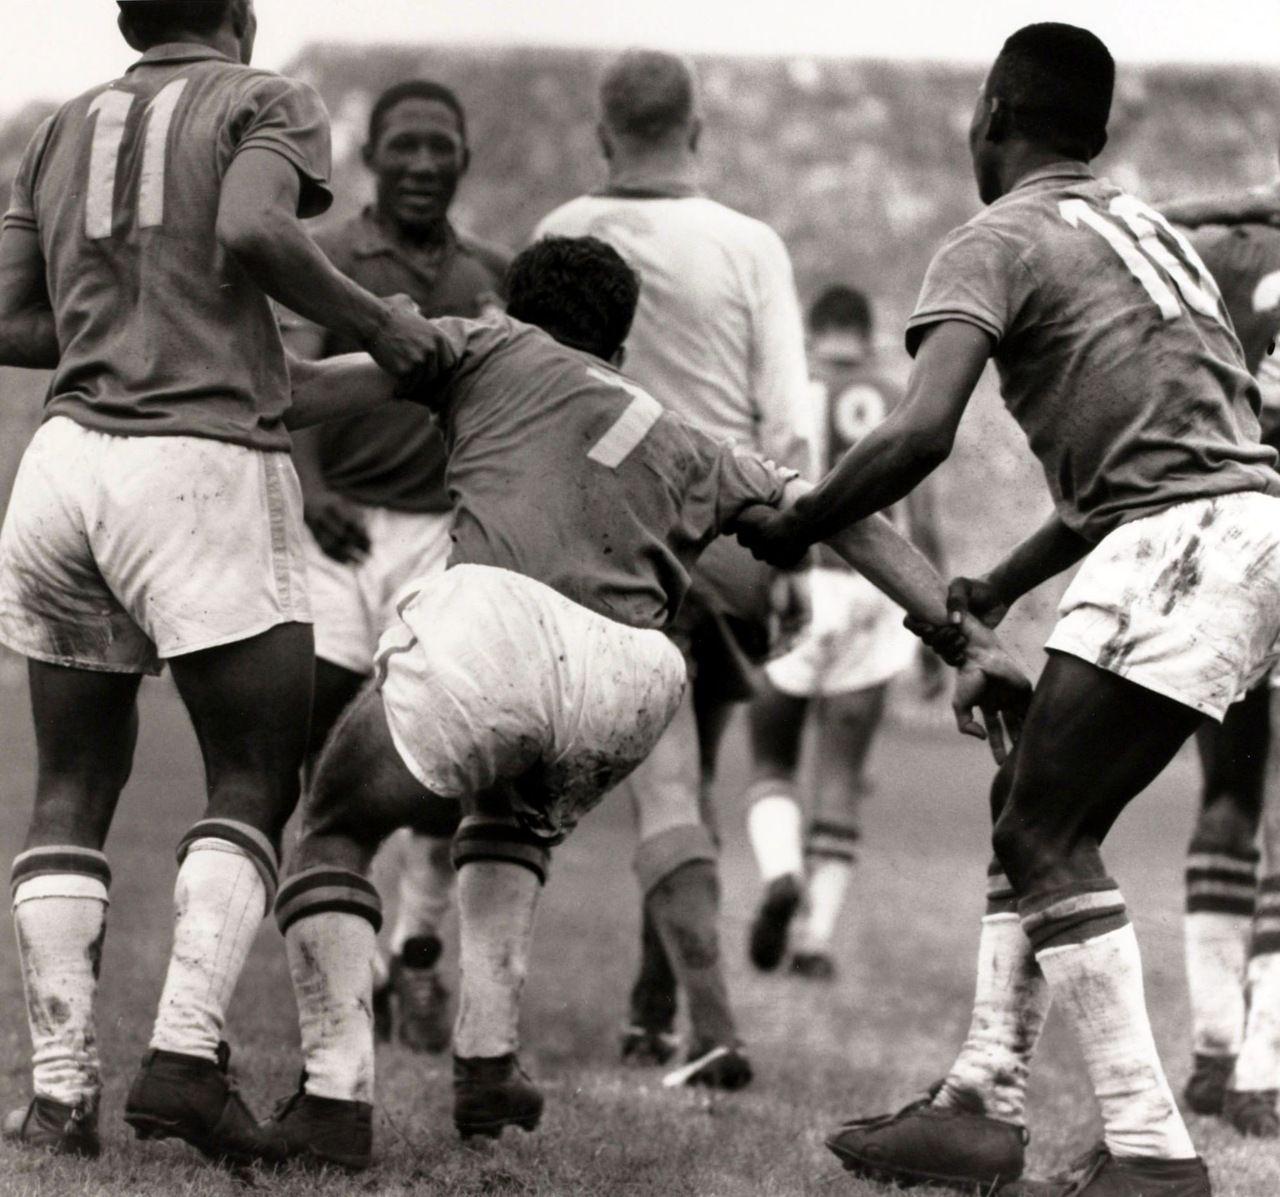 Garrincha Djalma Santos Mario Zagallo and Pele Brazil Sweden